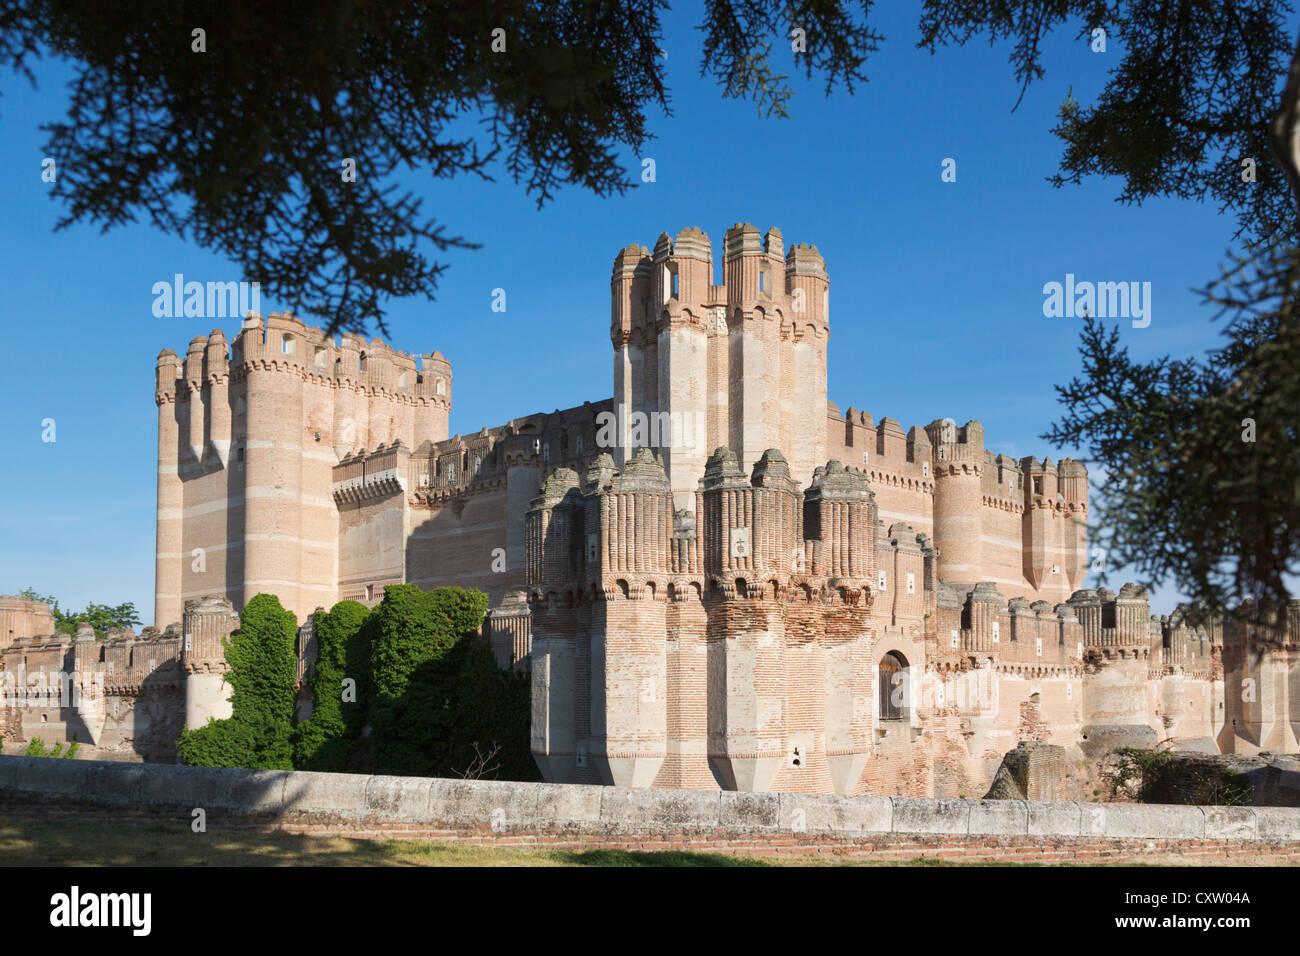 Coca, Segovia Province, Spain. Castillo de Coca. Coca castle. Important example of Mudéjar military architecture. - Stock Image